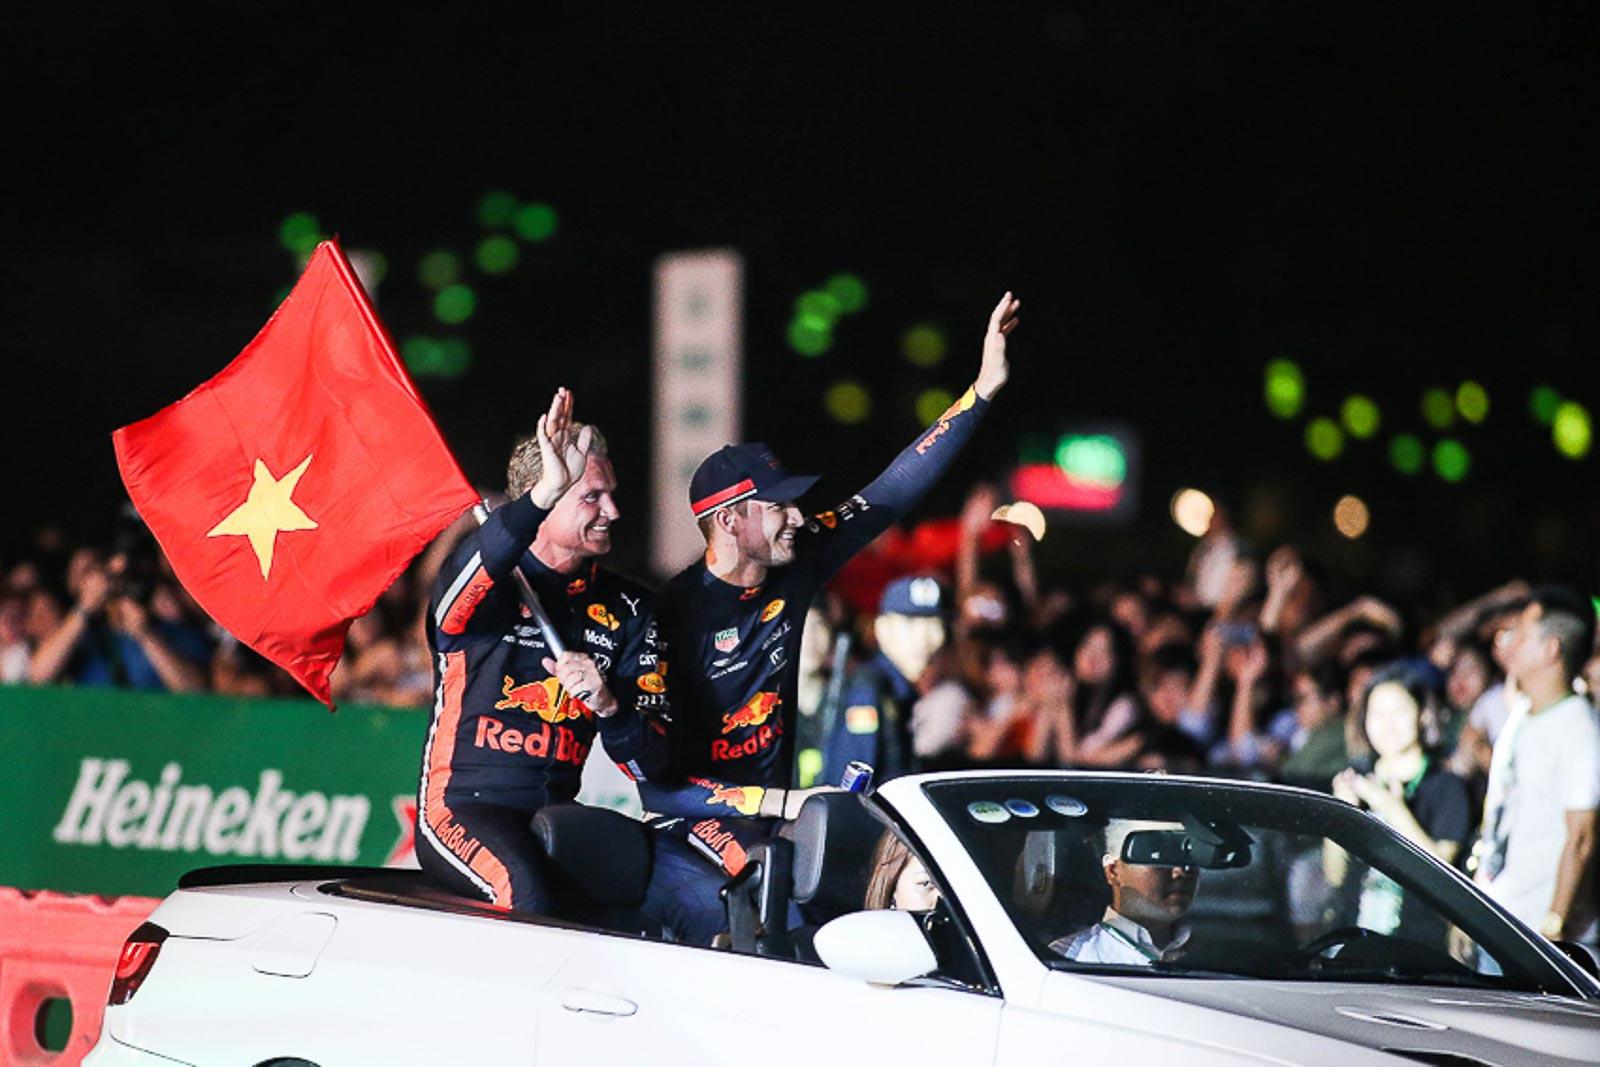 giải đua xe Công thức 1 8